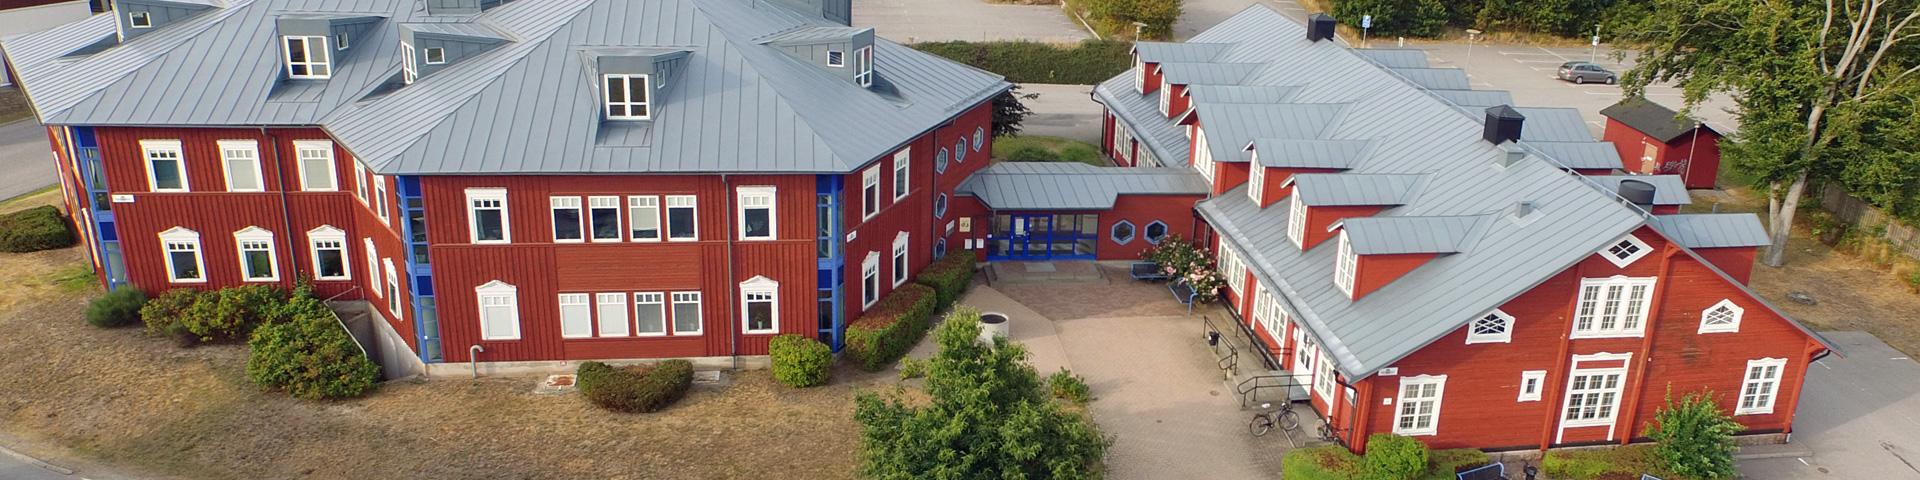 campus-grasvik-4